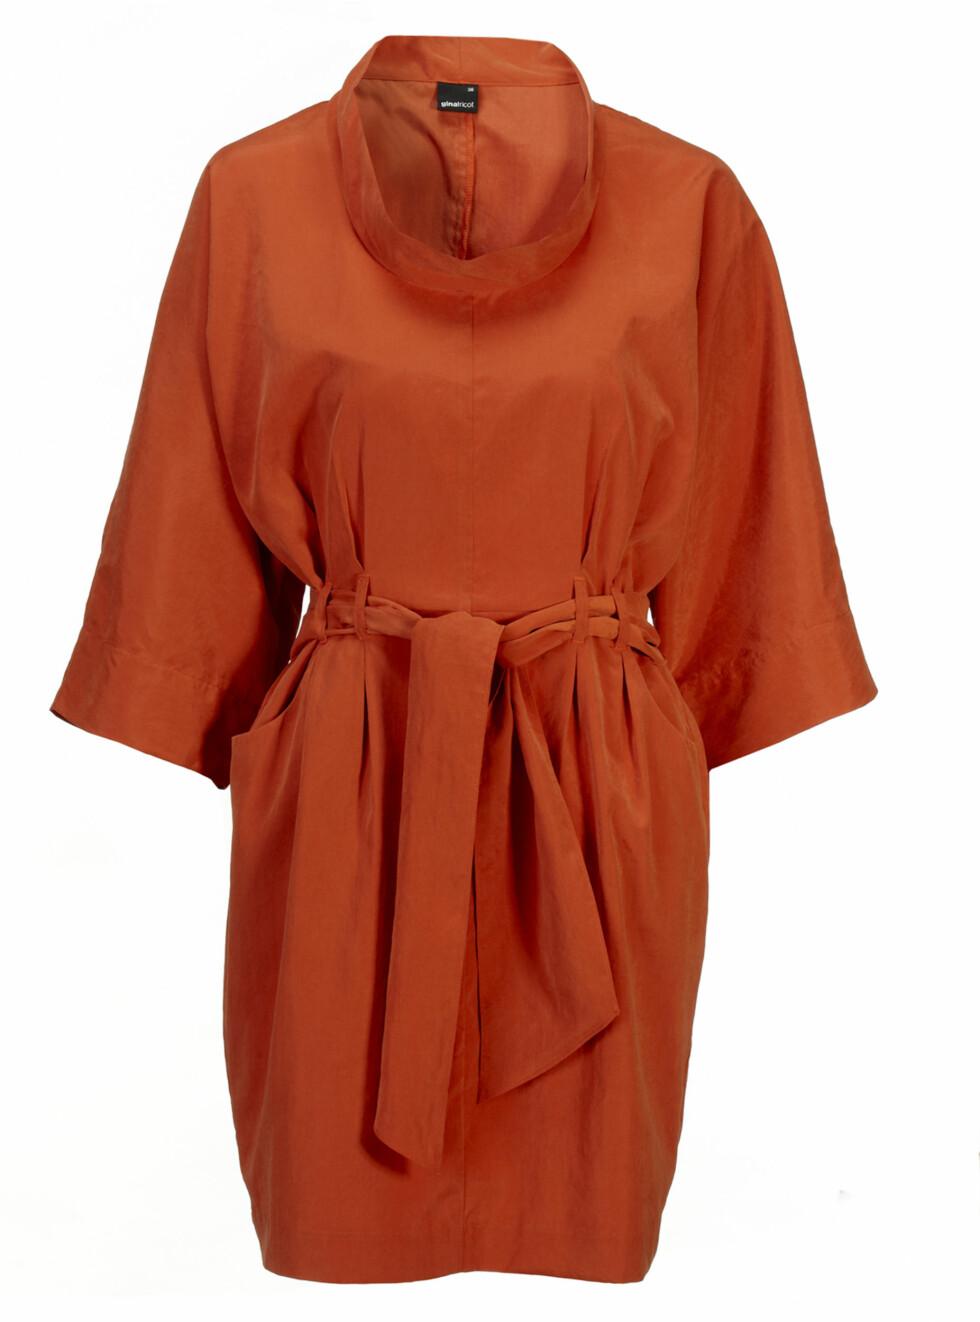 Kjole med vide ermer og knytting i livet (kr.299). Foto: Produsenten